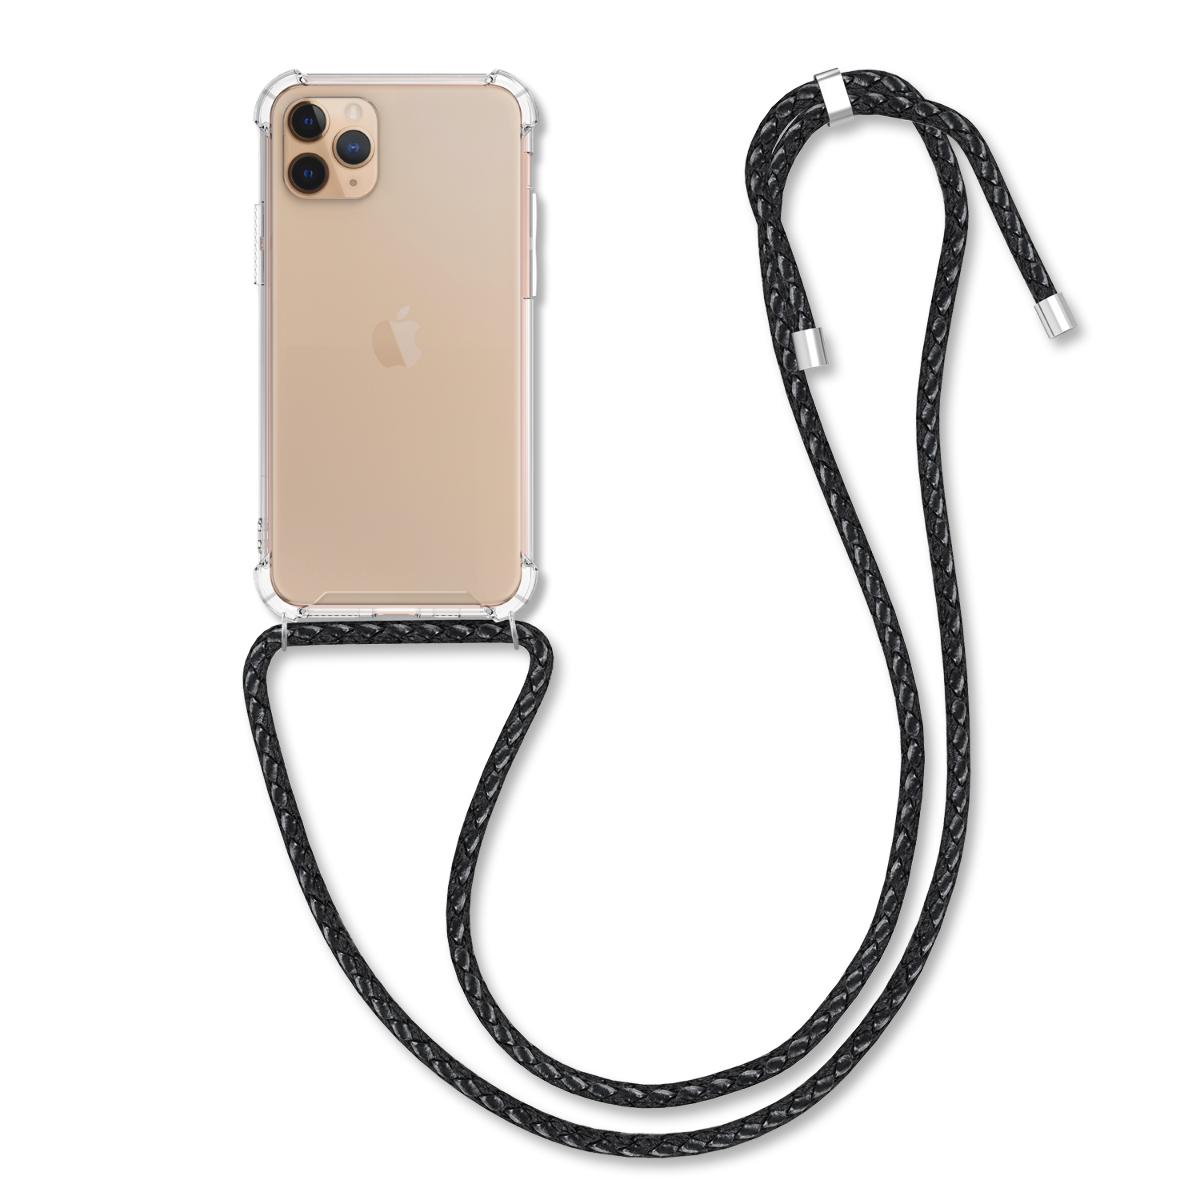 KW Θήκη Σιλικόνης με Λουράκι Λαιμού Apple iPhone 11 Pro Max - Clear (50637.03)